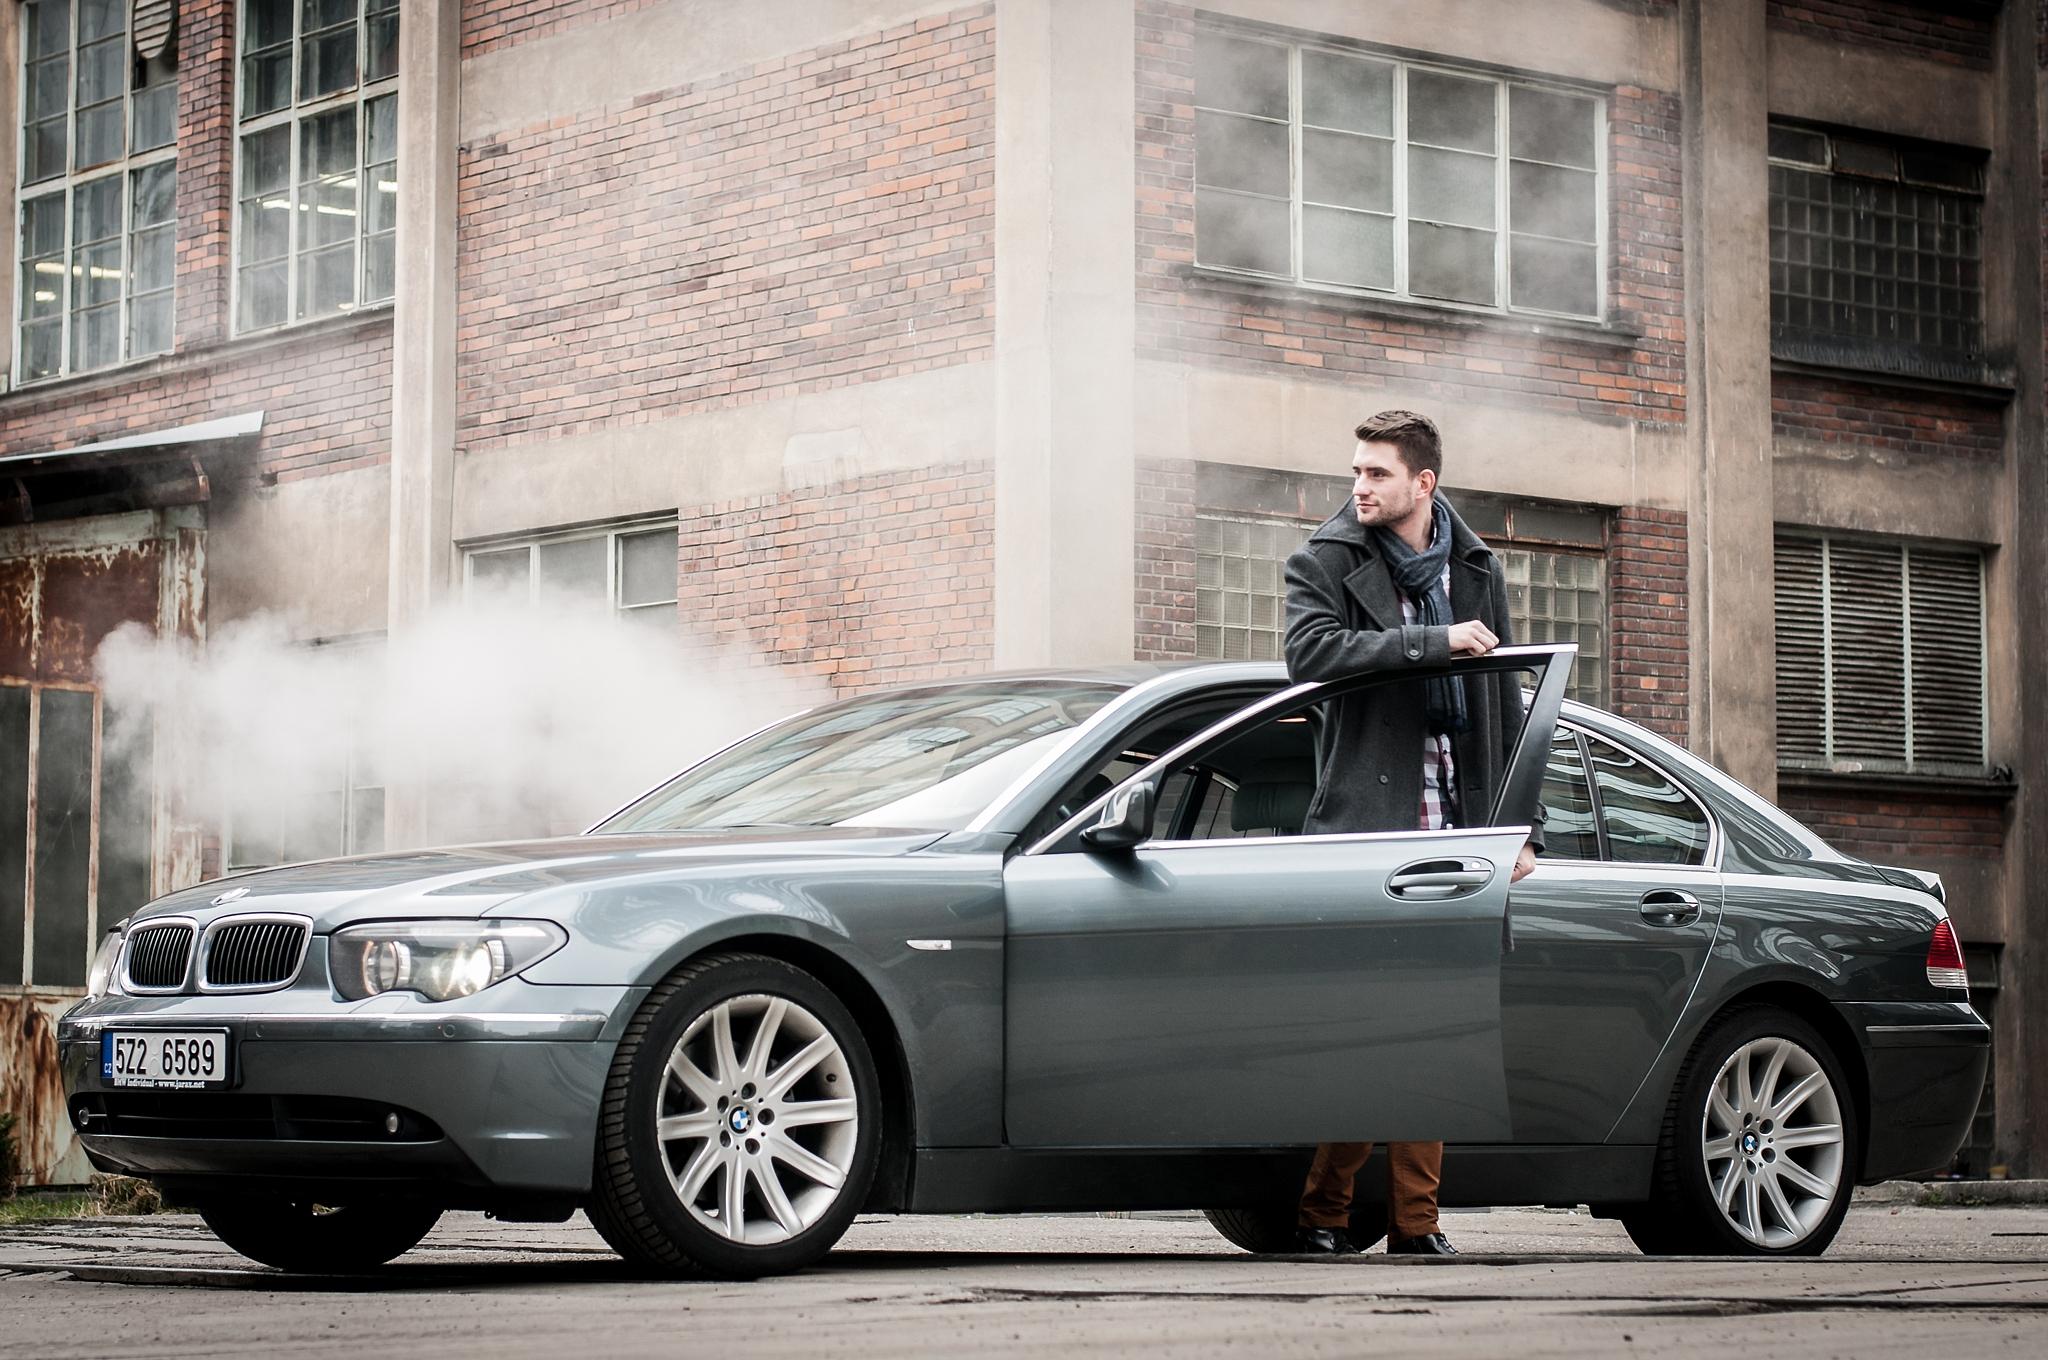 Mužský portrét: jak fotit muže - muž vystupující z auta